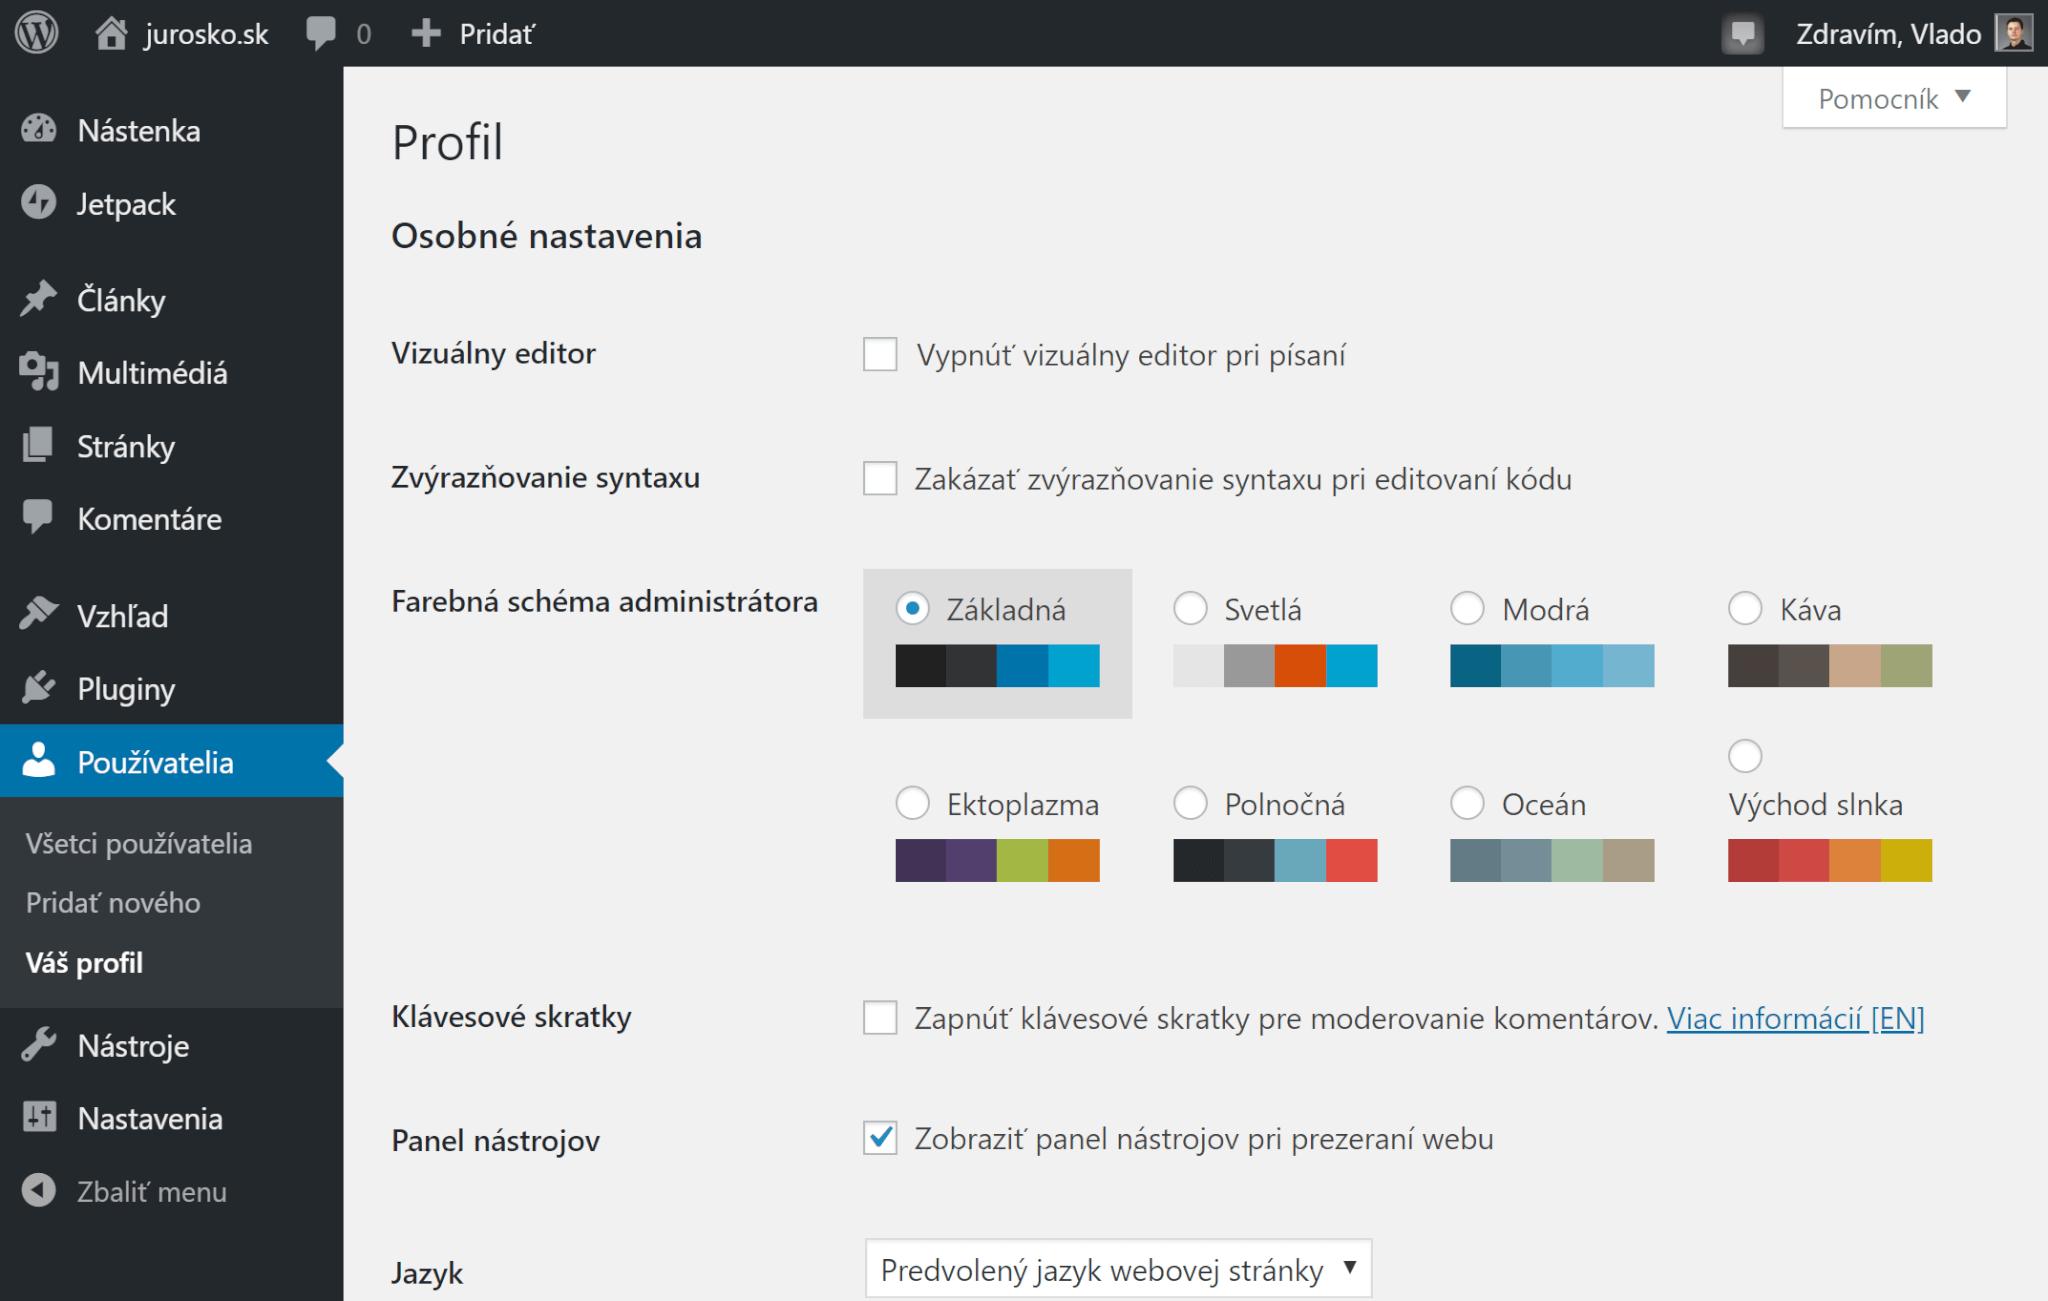 Úprava profilu používateľa